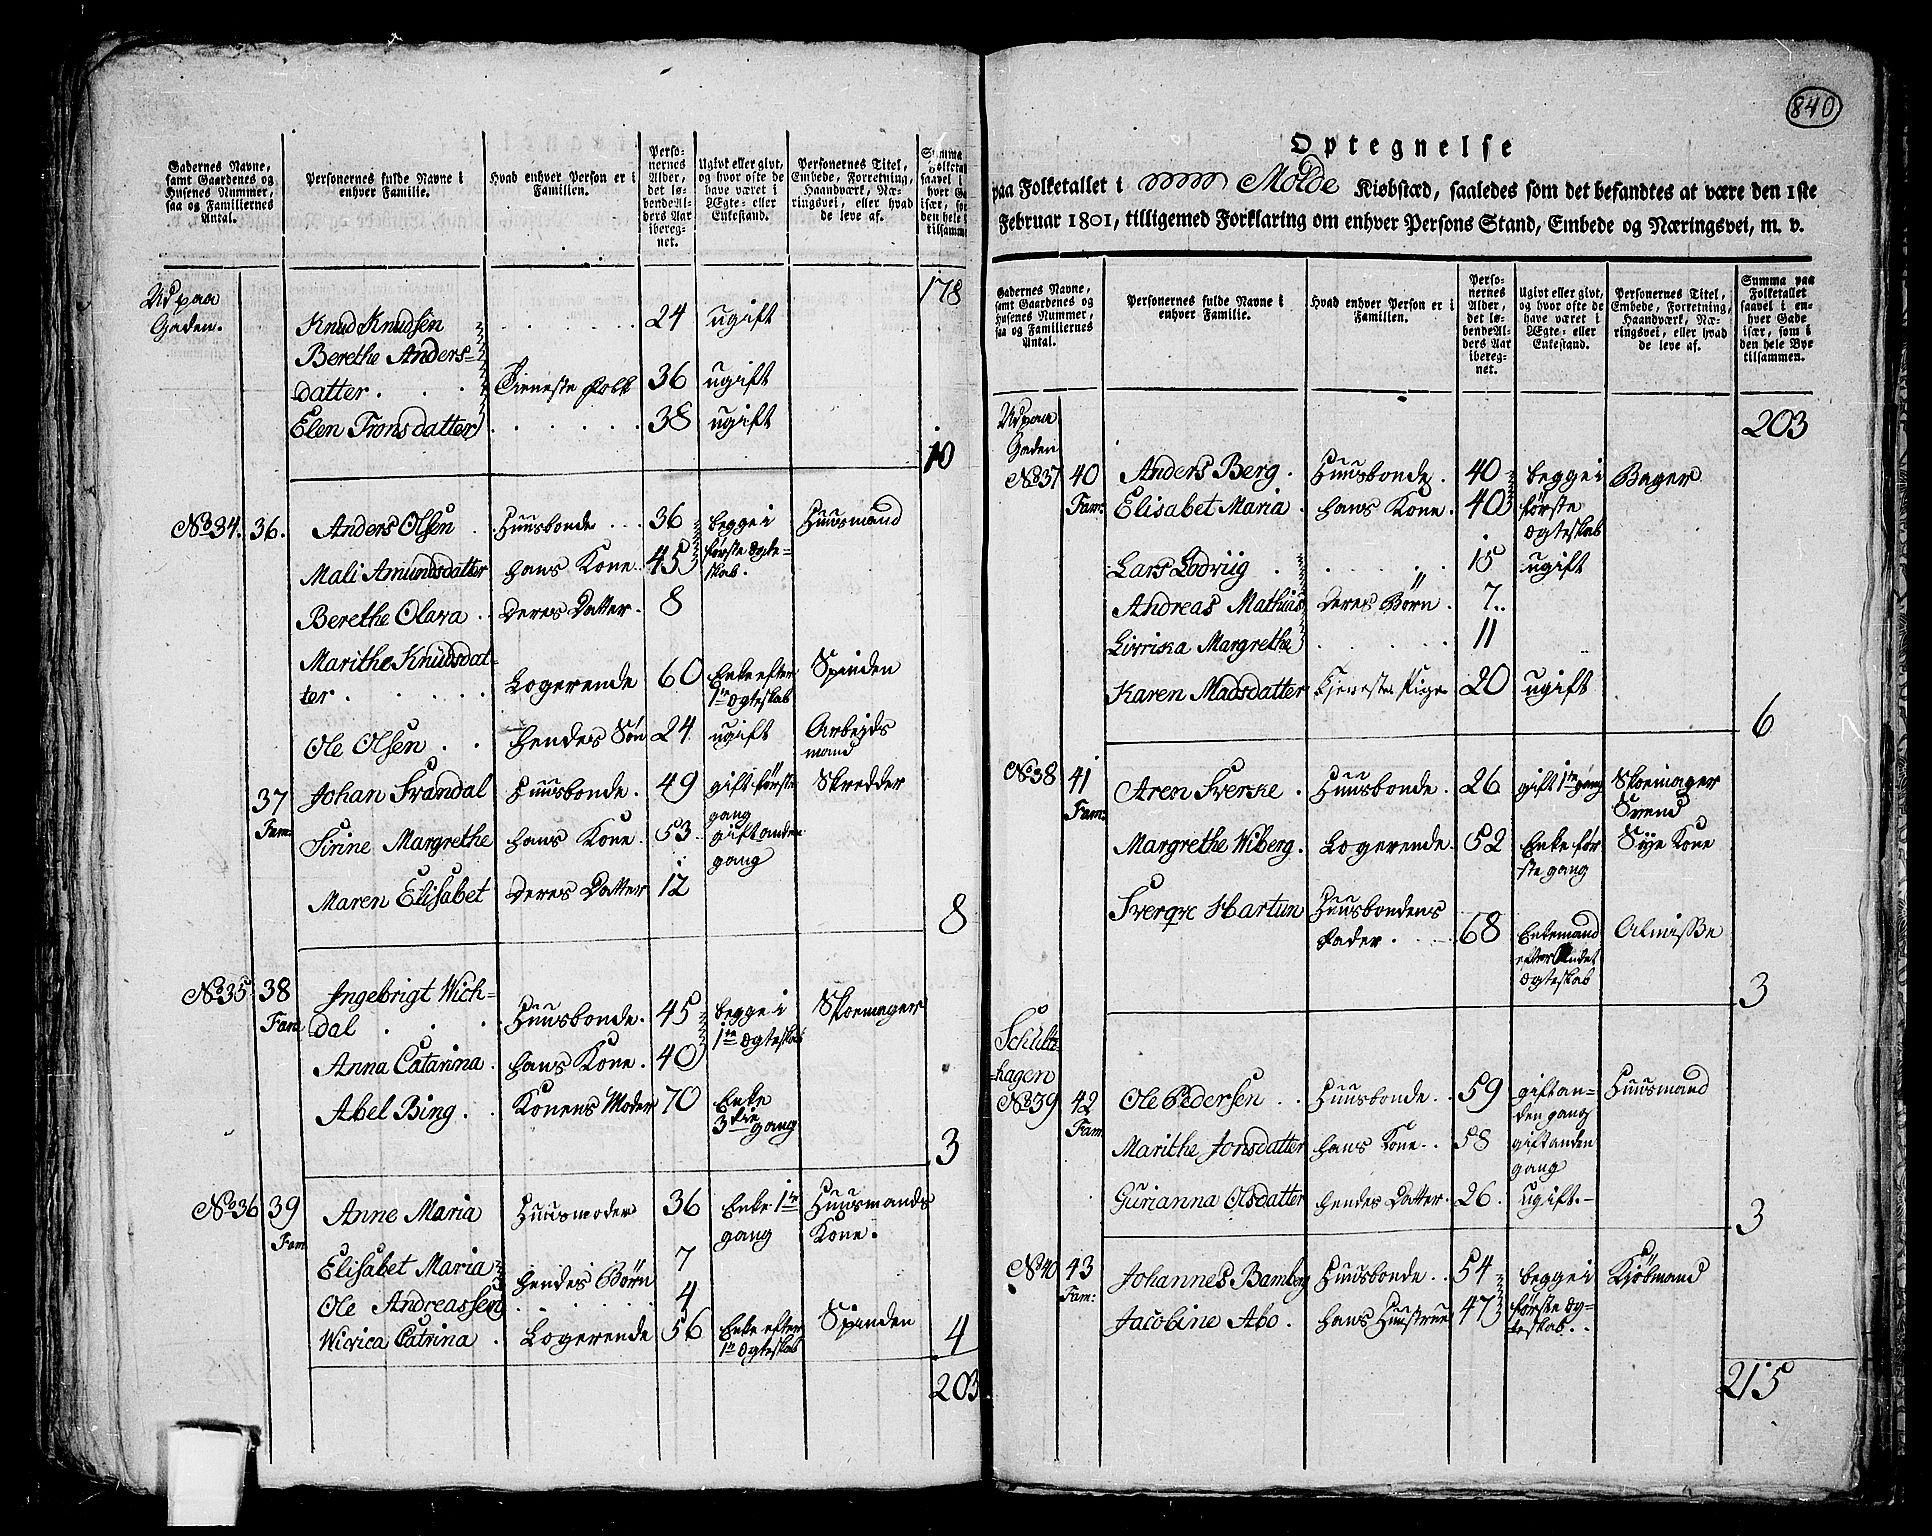 RA, Folketelling 1801 for 1544P Bolsøy prestegjeld, 1801, s. 839b-840a